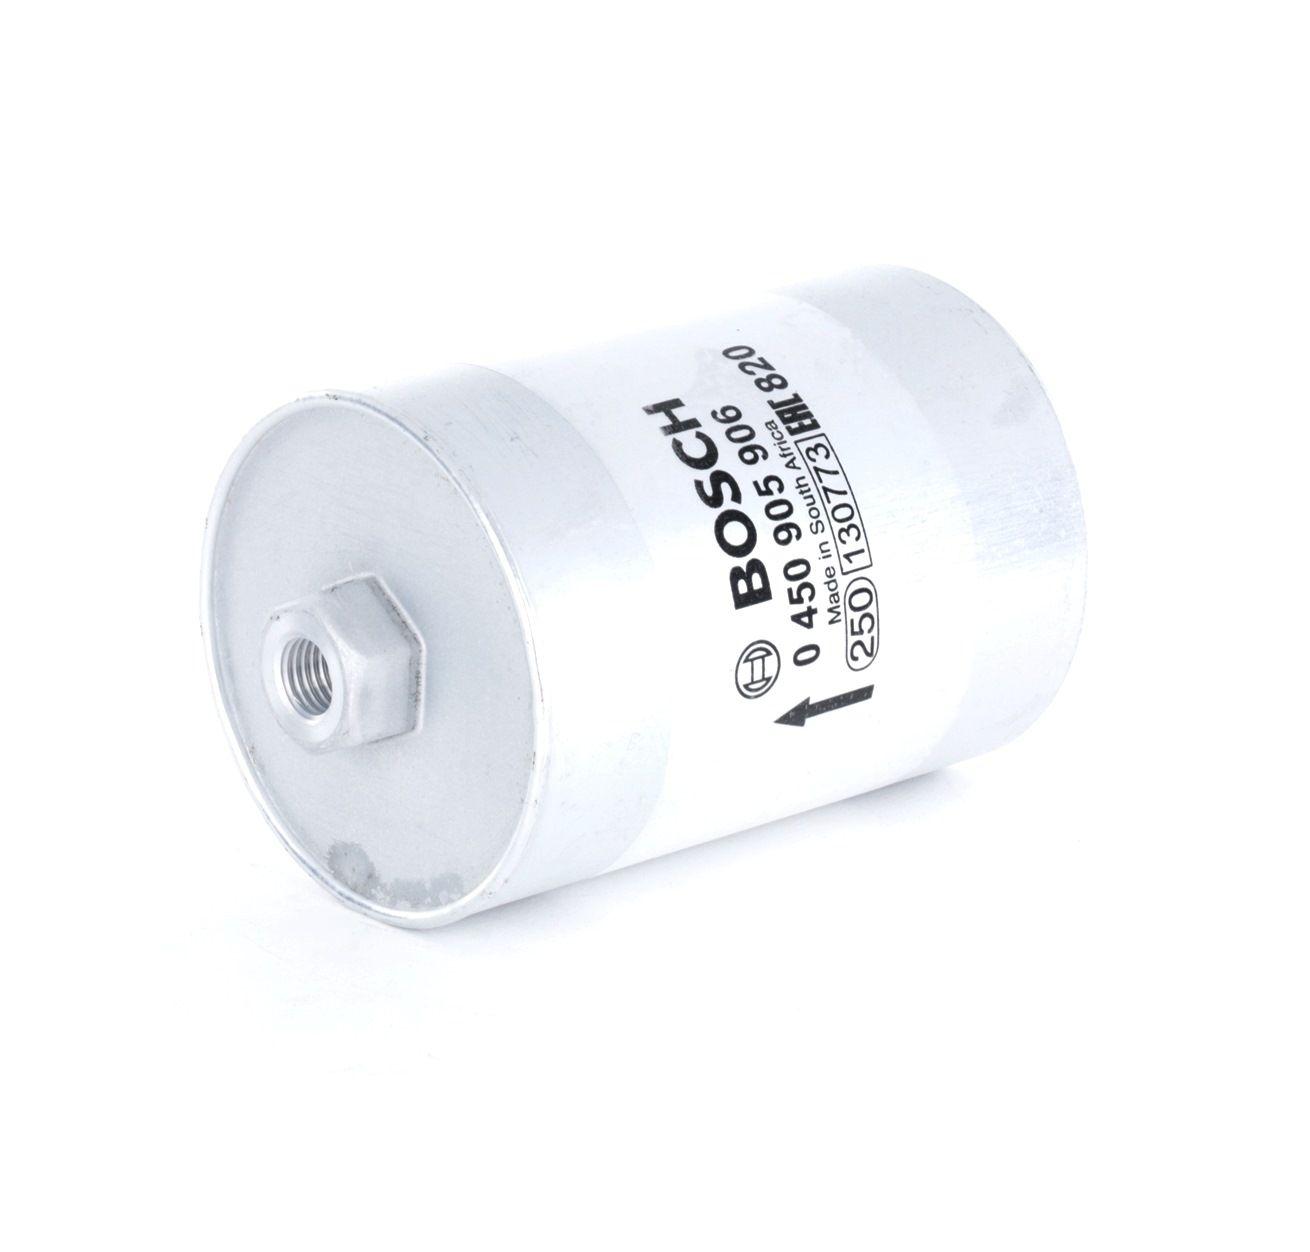 Spritfilter BOSCH F5906 Bewertung